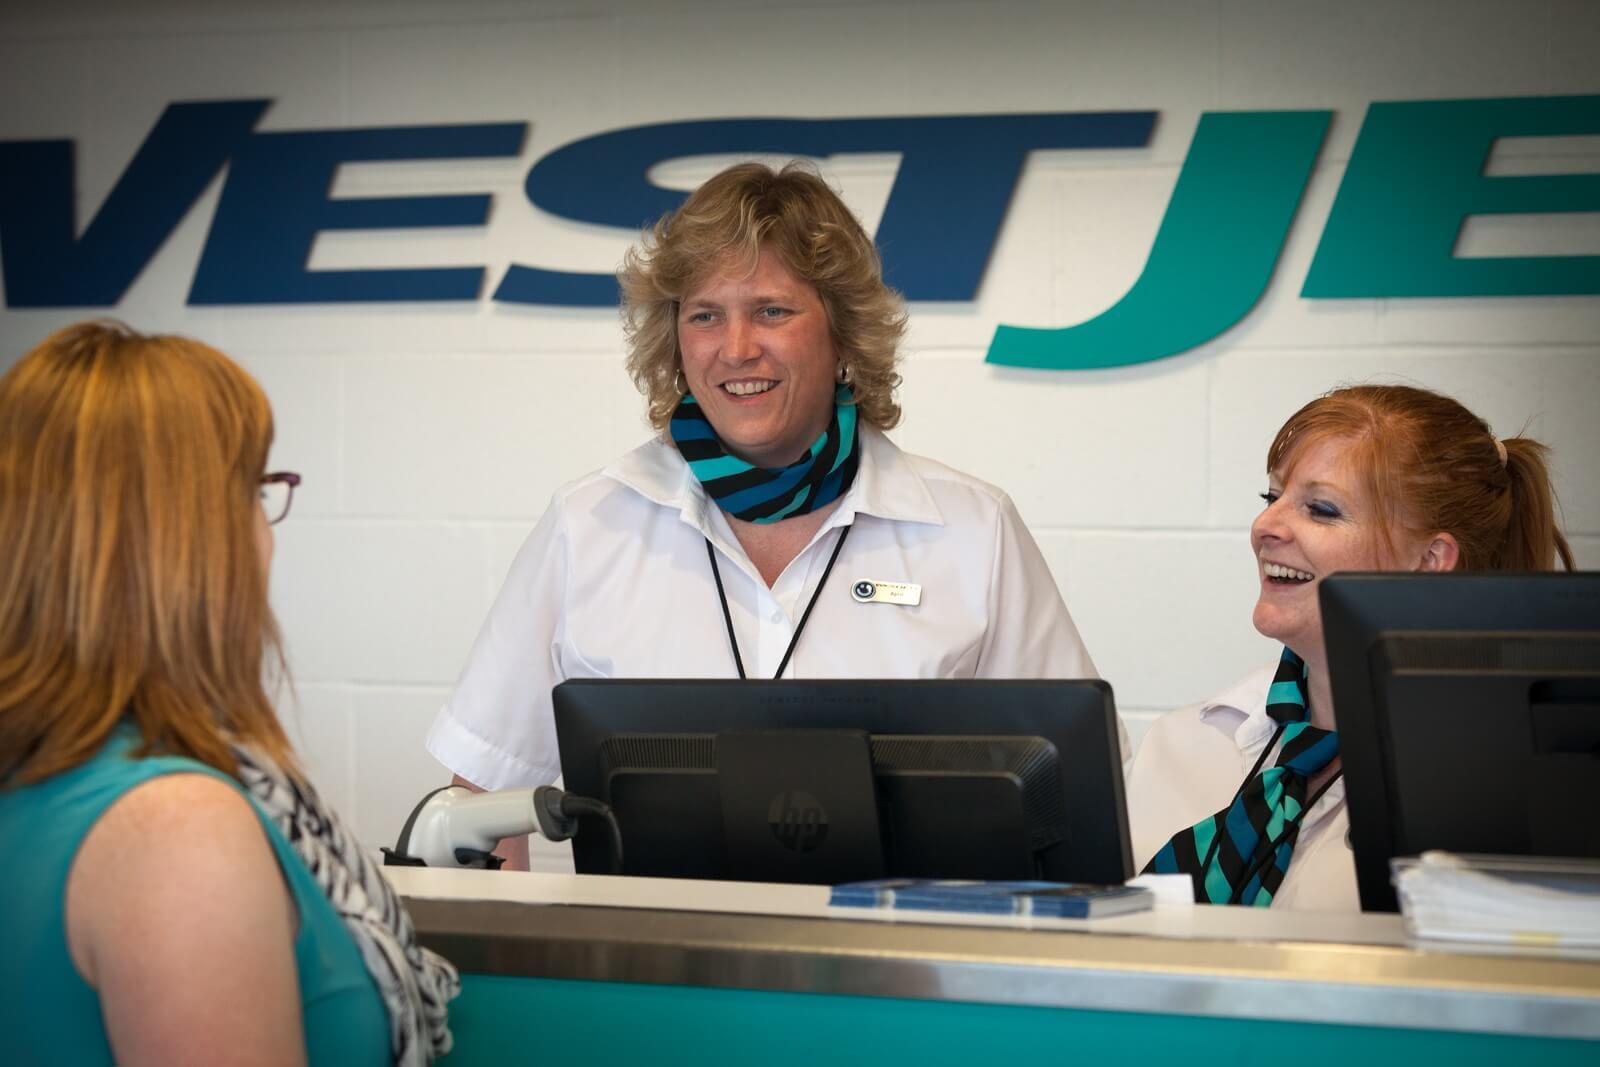 Union: WestJet sale leaves frontline staff exposed